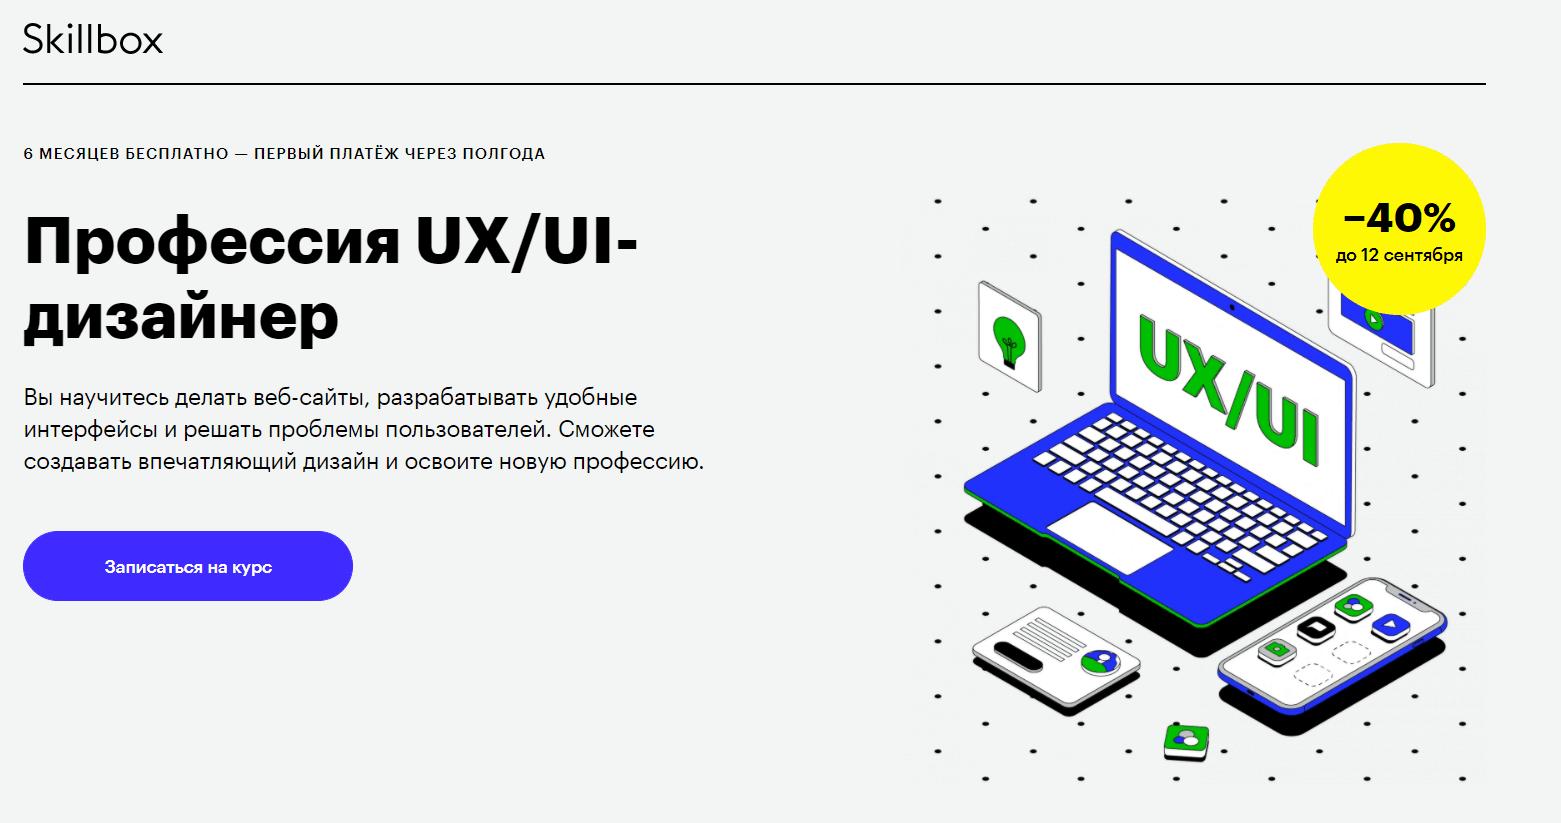 Курс Профессия UX/UI-дизайнер